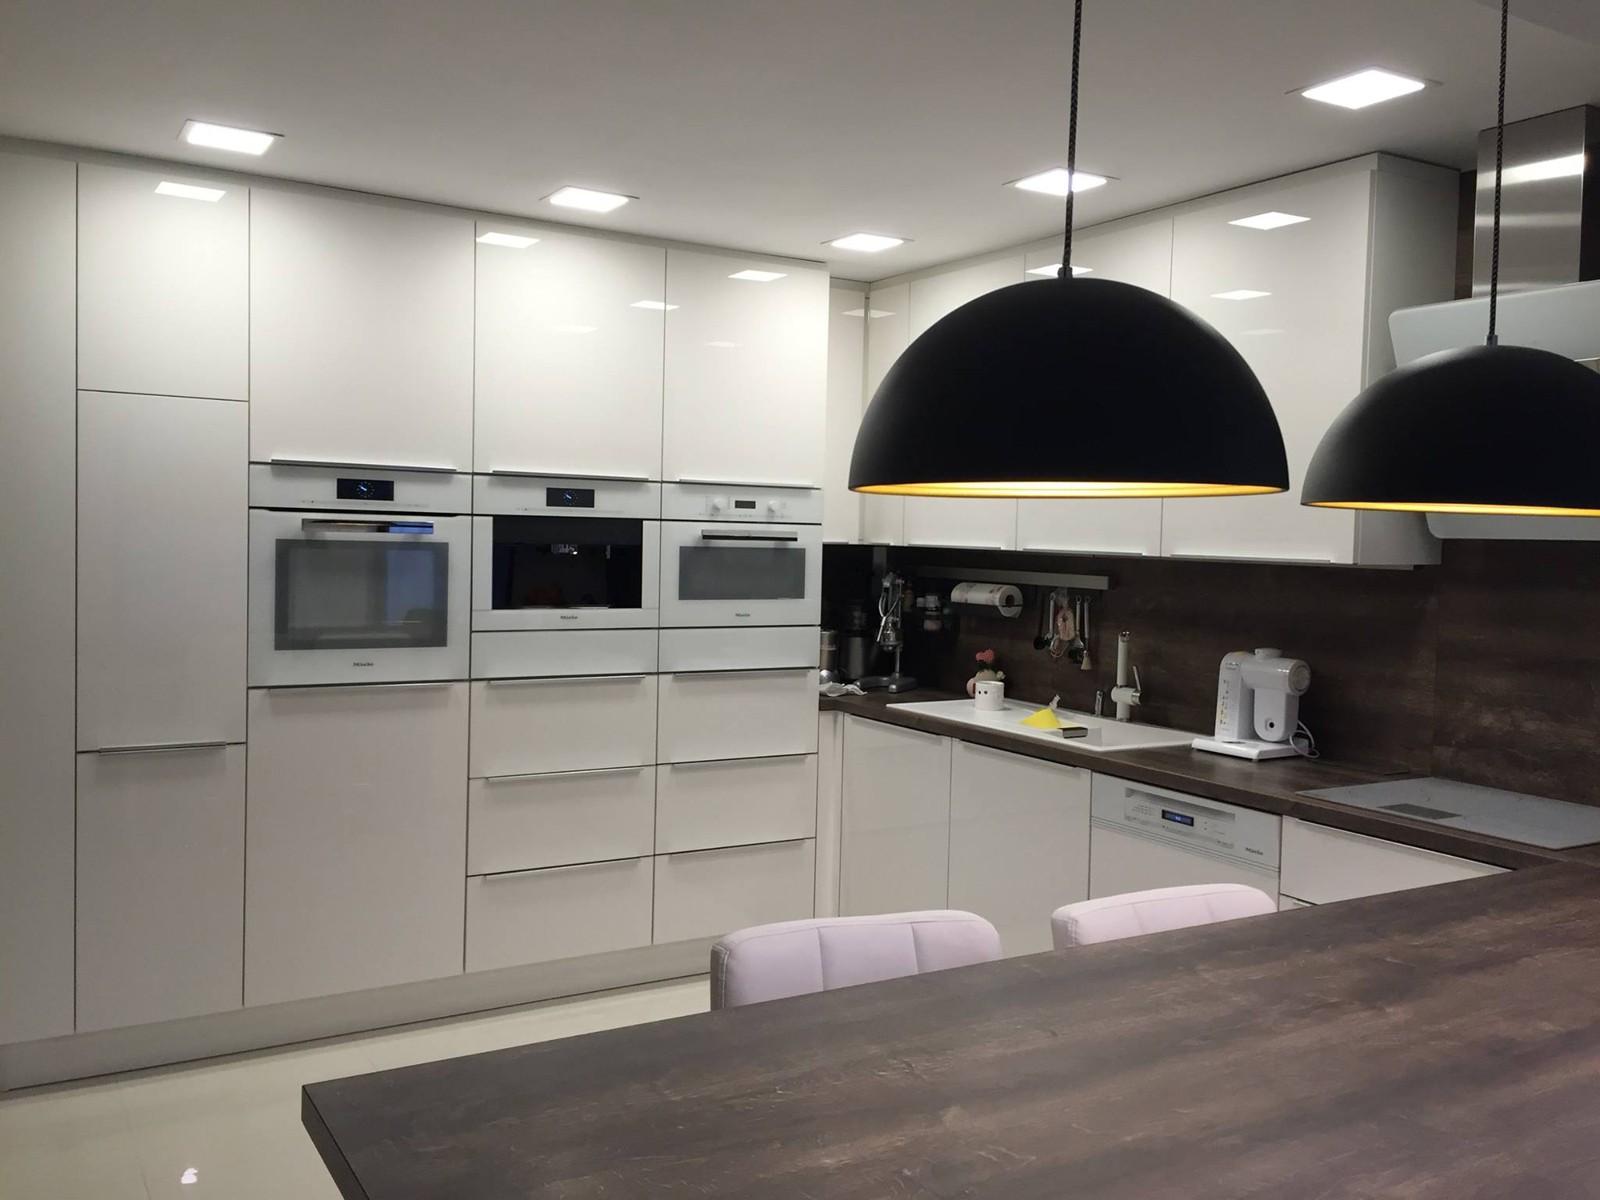 Referință - Bucătărie modernă Nobilia Focus - Alb / Stejar Stem